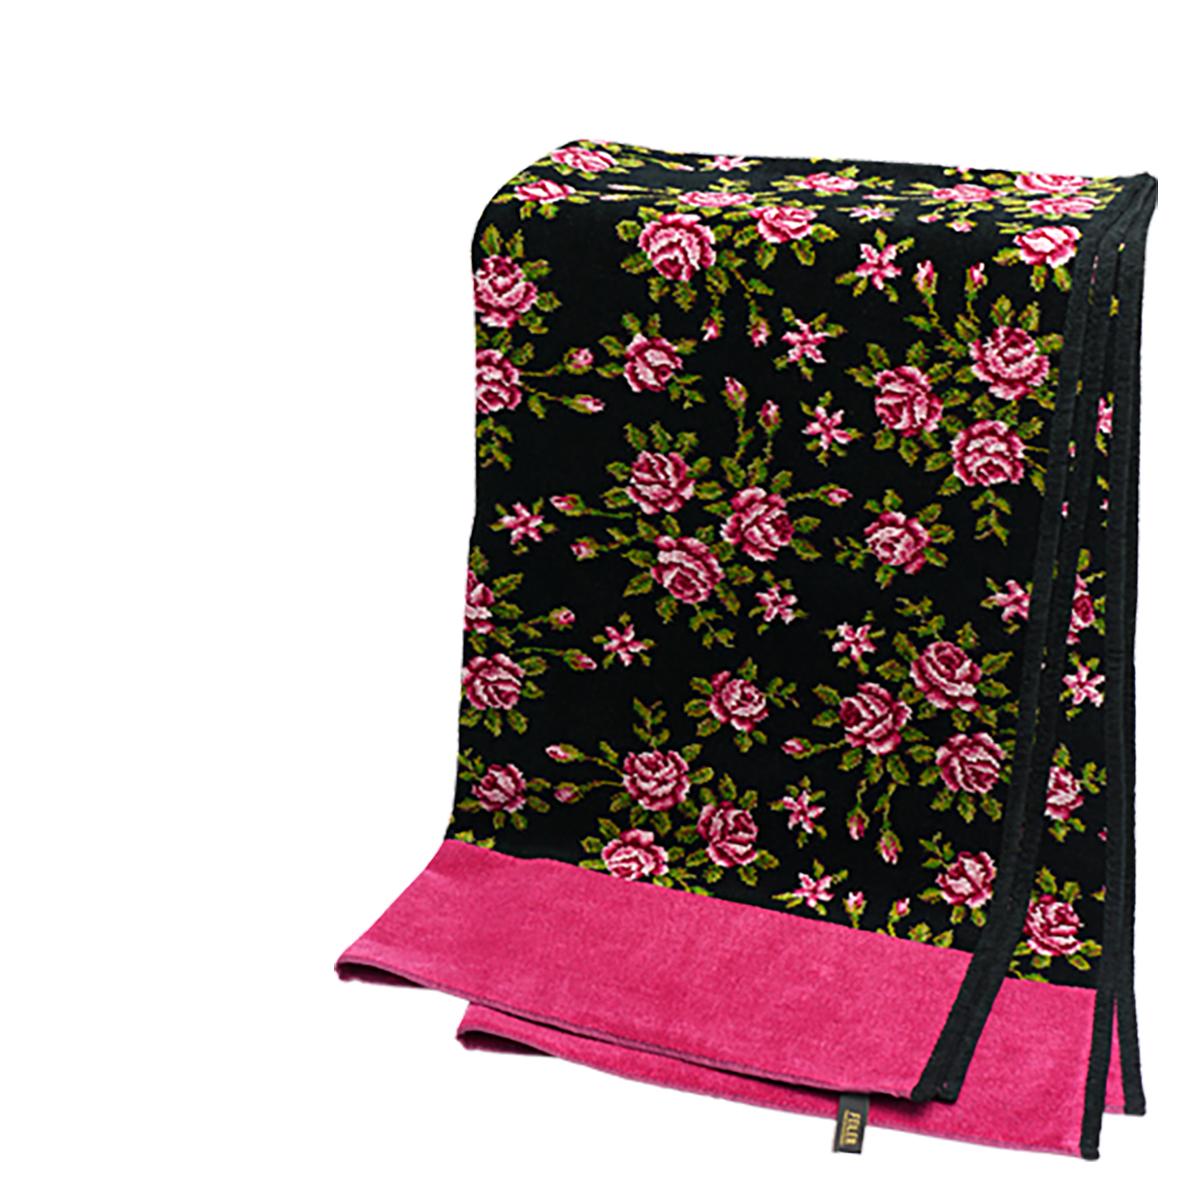 フェイラー バスタオル ミリアム ブラックチェリー FEILER 75x150cm FEILER Chenille Bath Towel Miriam Black ギフト・のし可